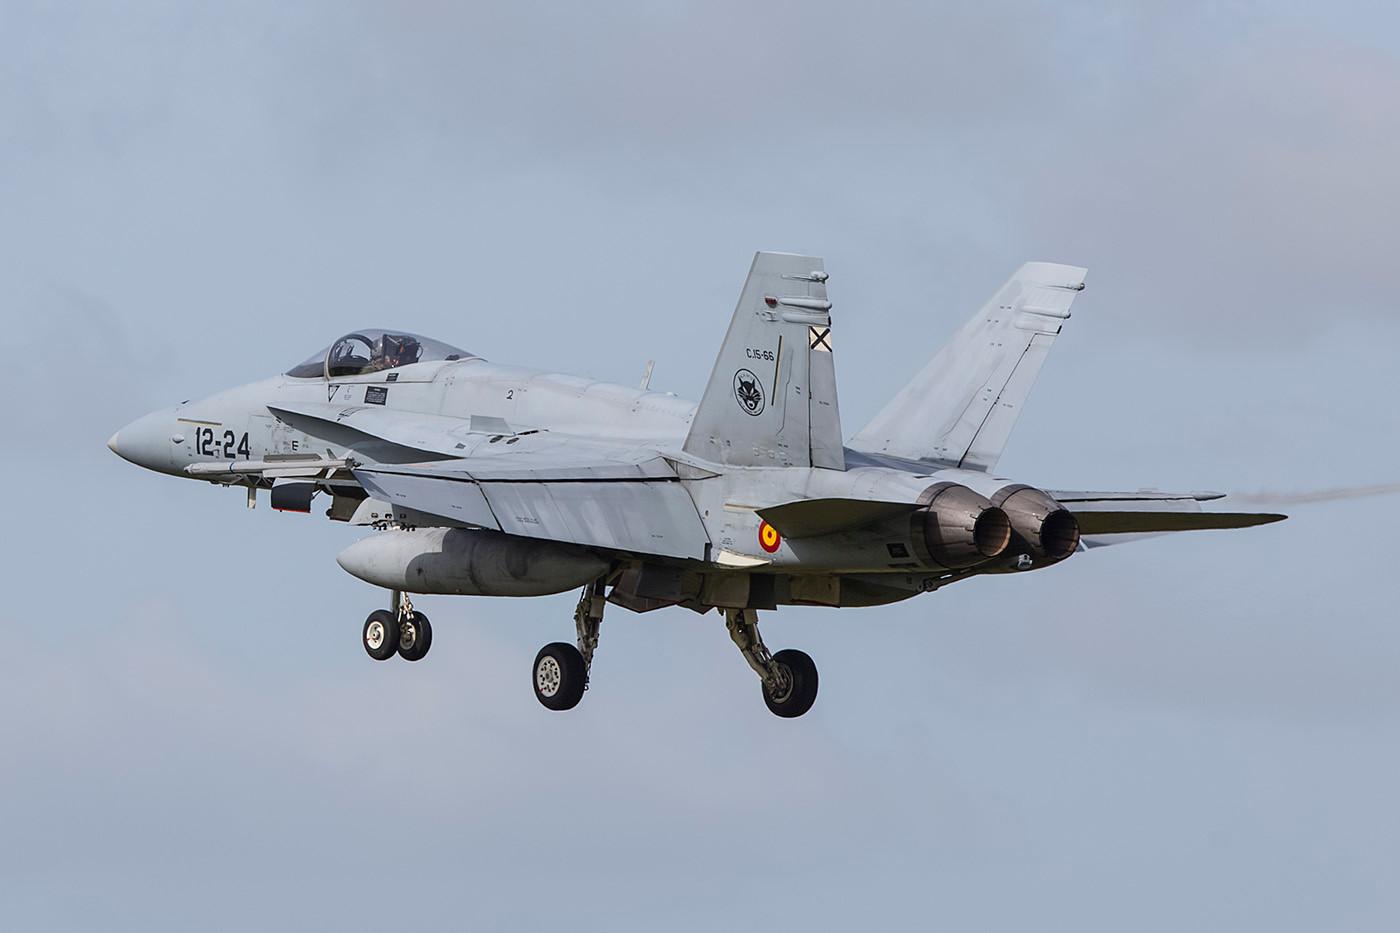 Die Hornet ist aus meiner Sicht ein sehr photogenes Flugzeug